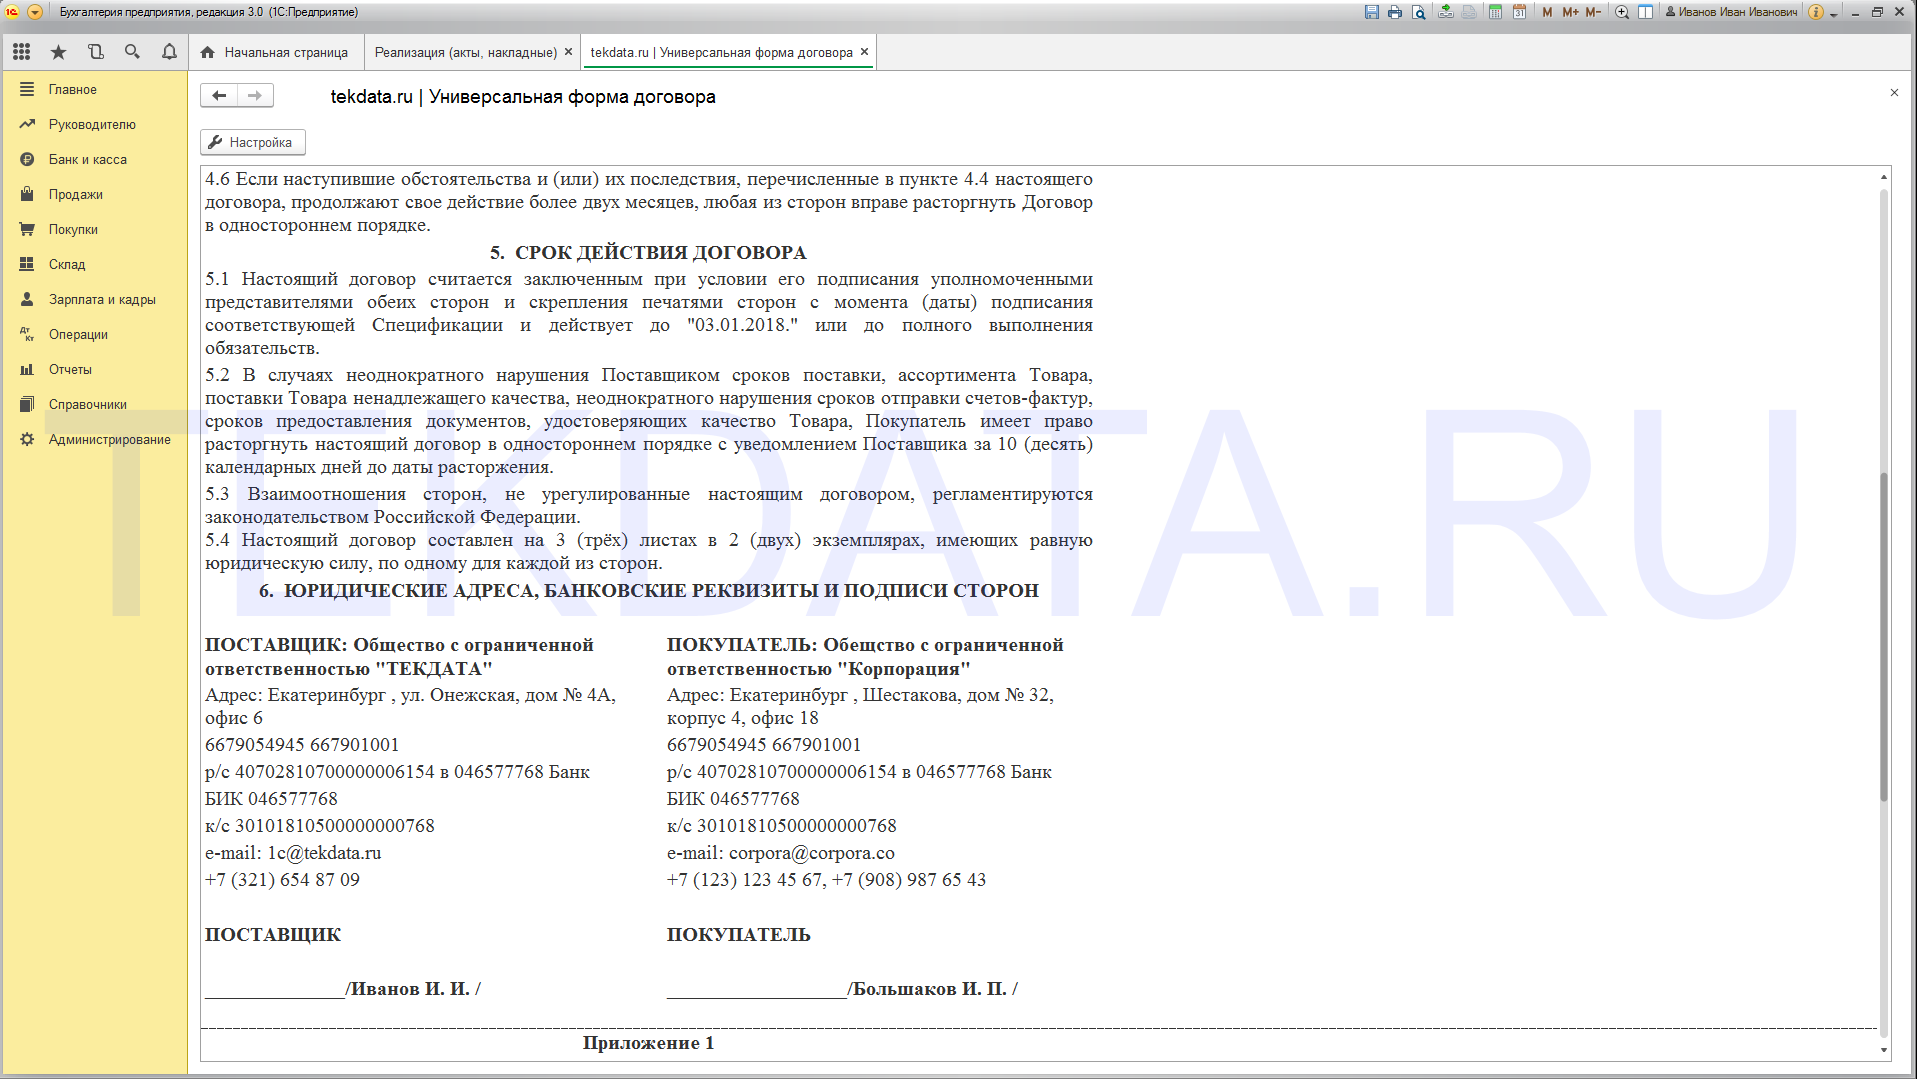 Универсальная печатная форма 1С:БП 3.0 (внешняя обработка *.epf) | tekdata.ru